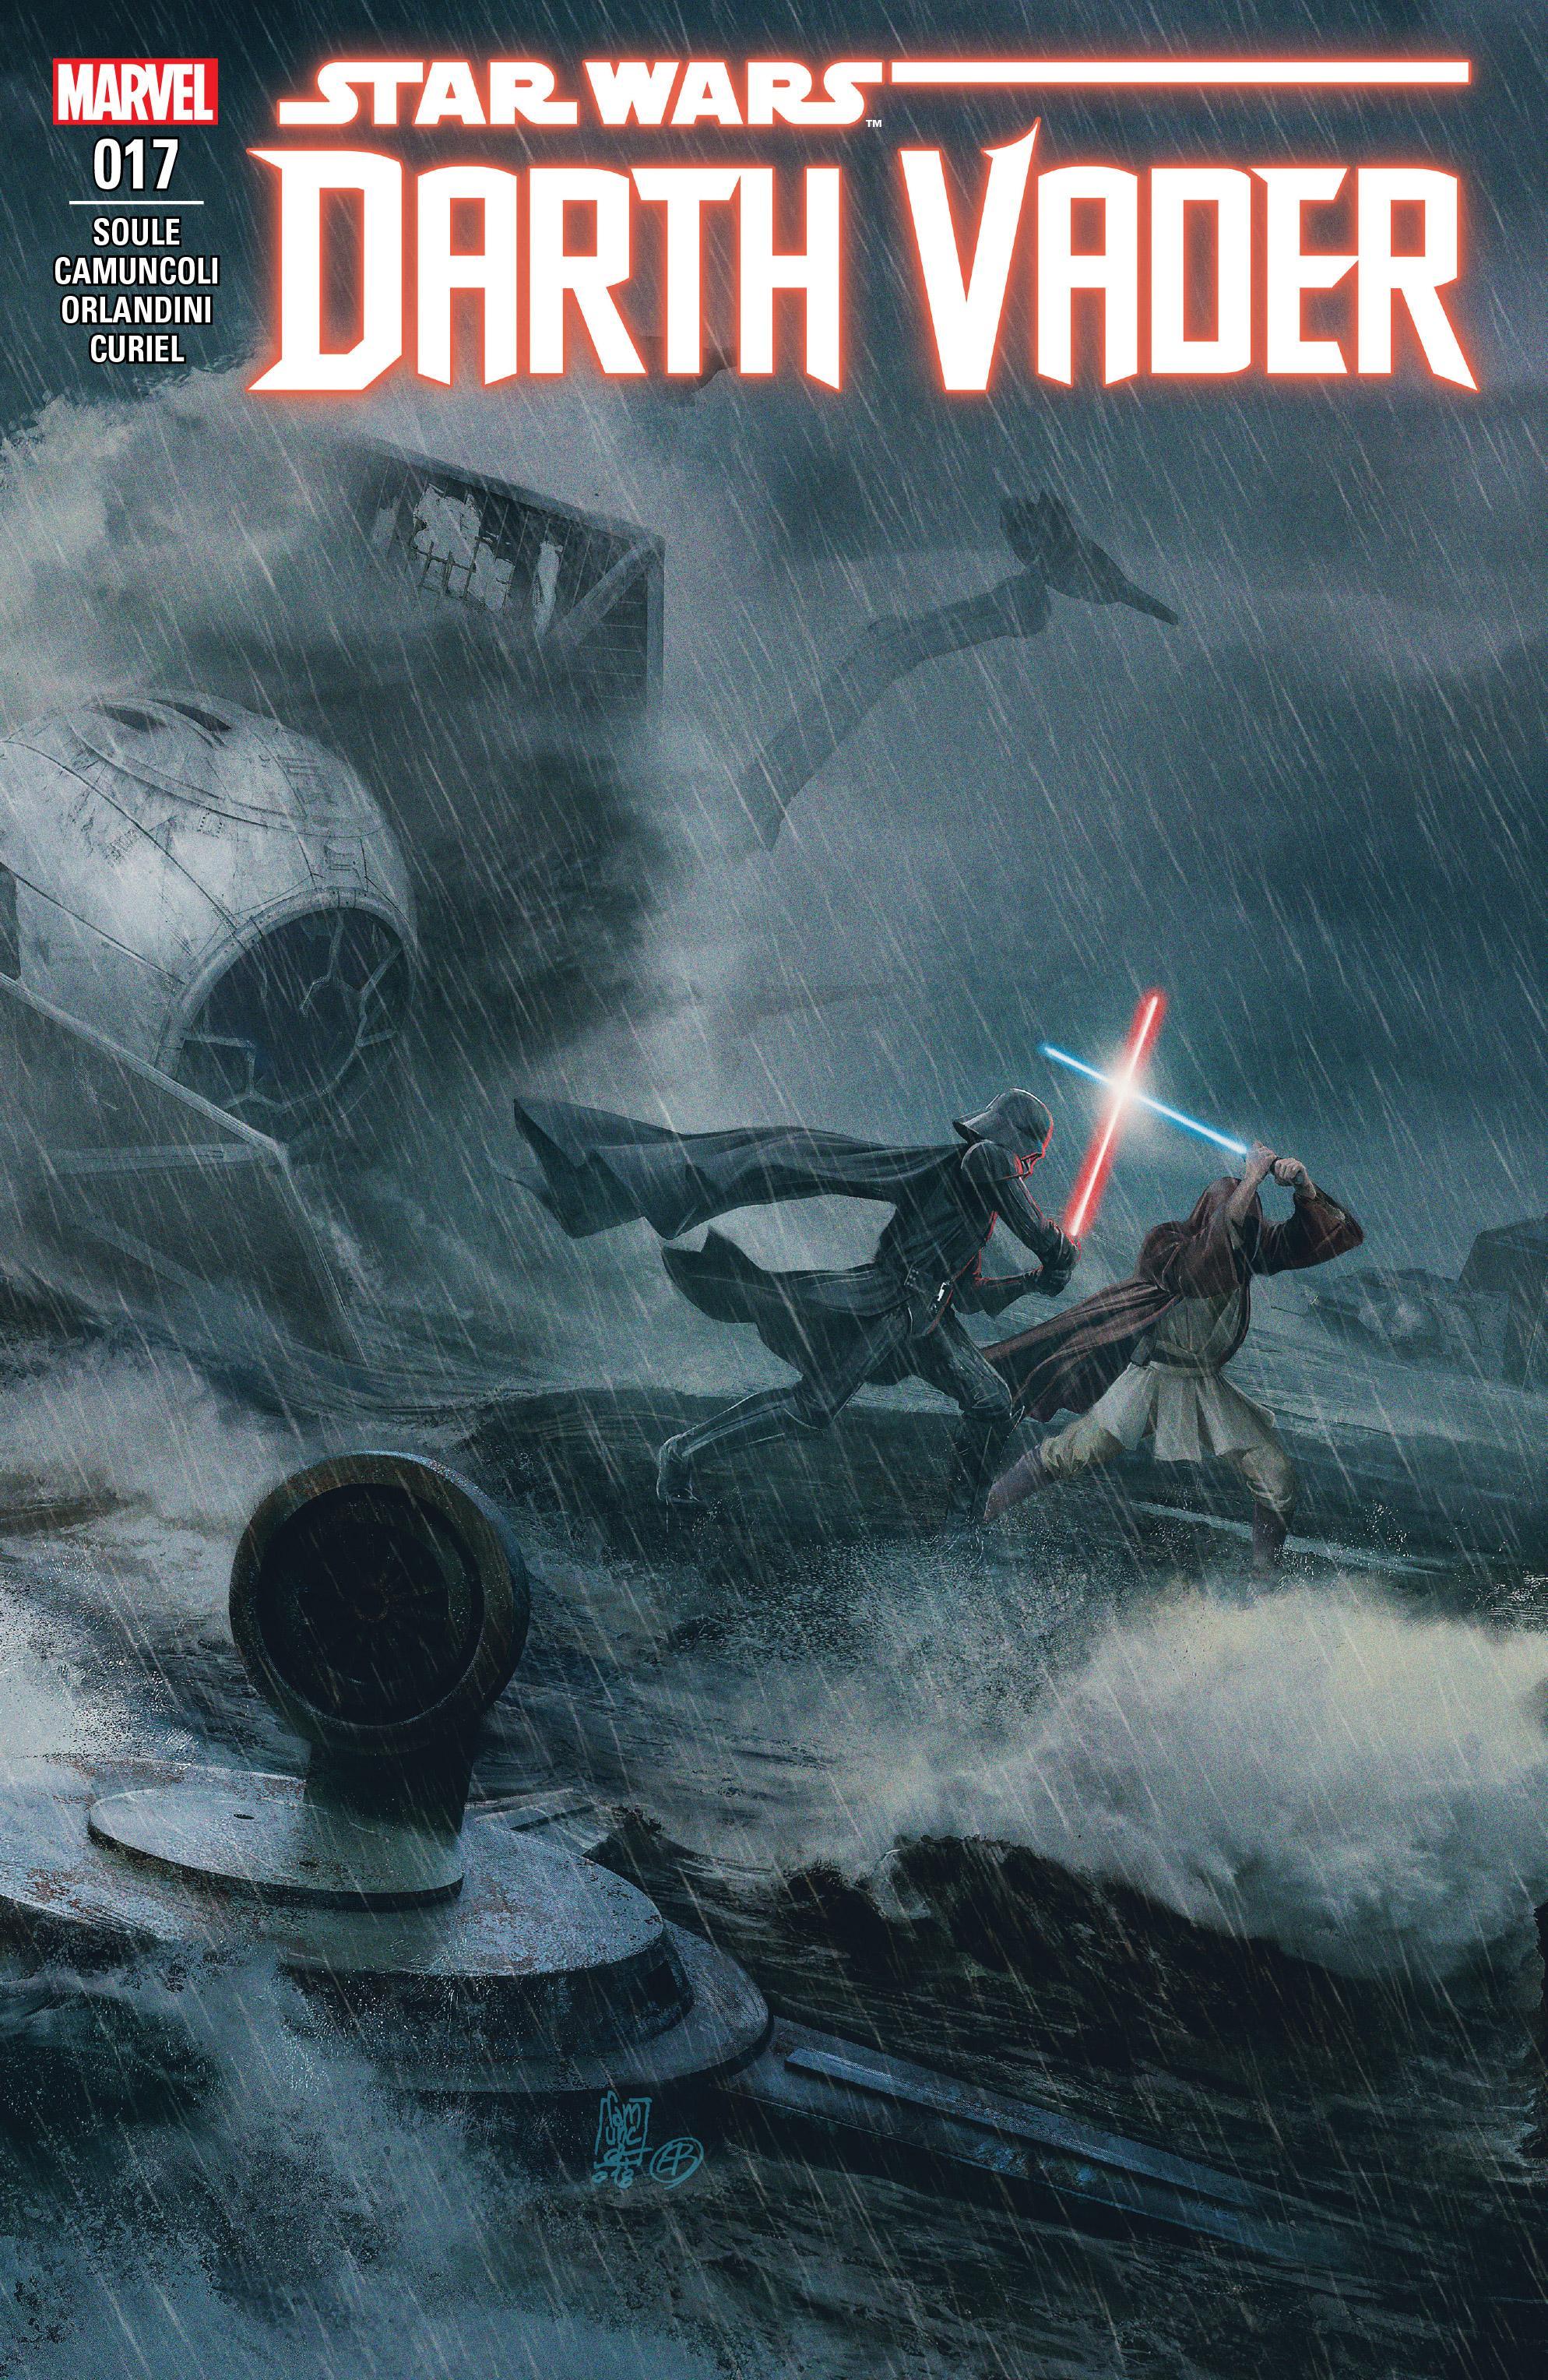 Звёздные войны. Дарт Вейдер, тёмный лорд ситхов 17: Горящие моря, часть 5